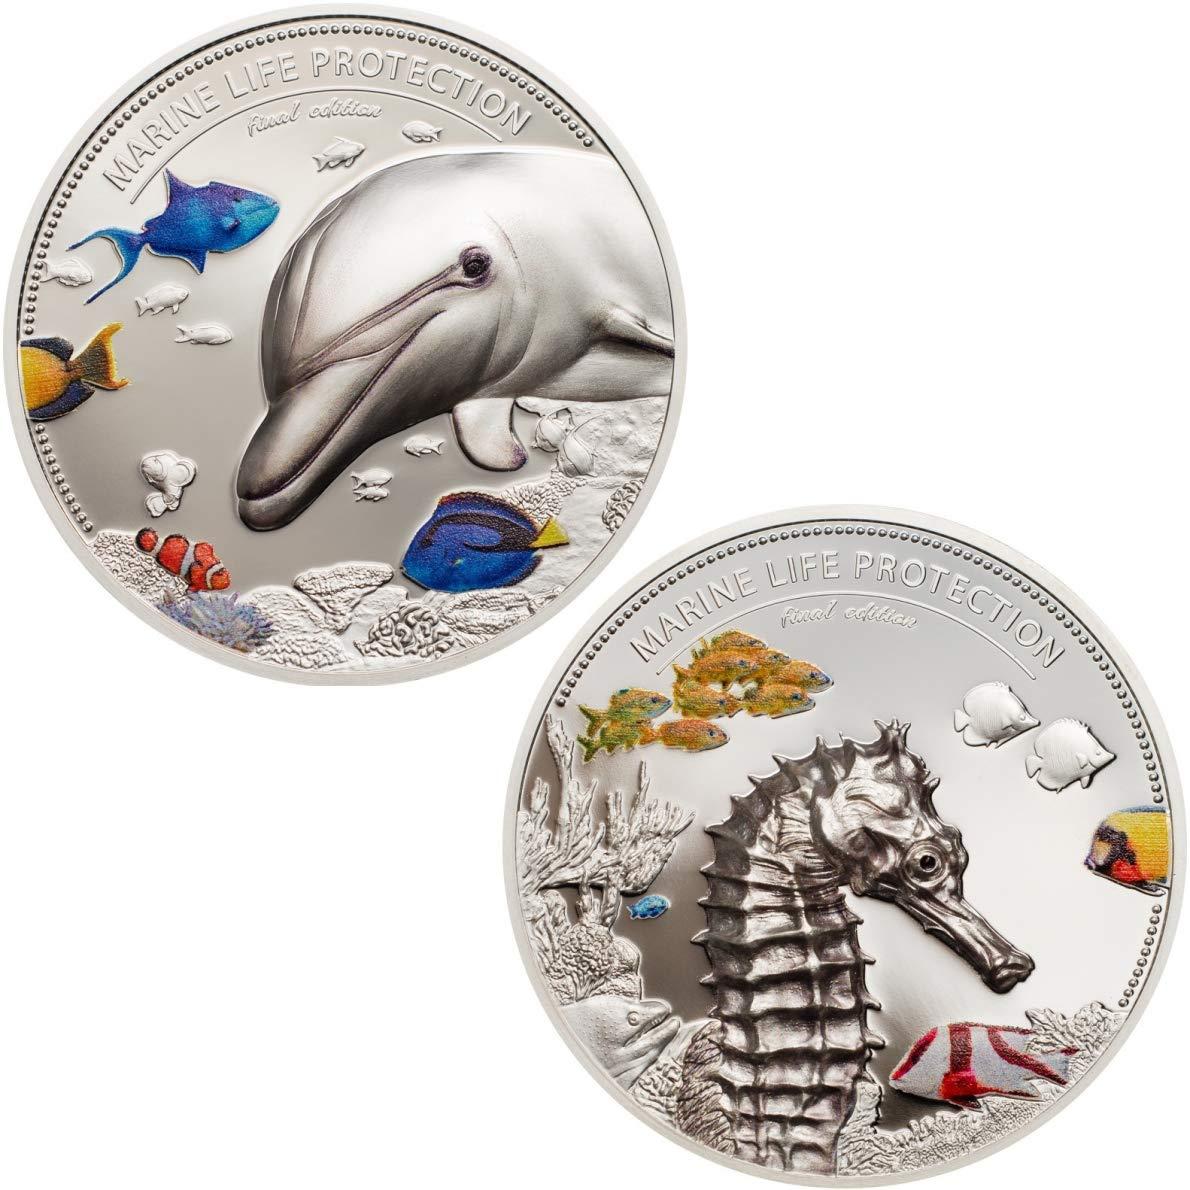 Marine Life Protection - Delfín y Caballito de Mar 10 2oz Set 2 Monedas Plata - Palaos 2017